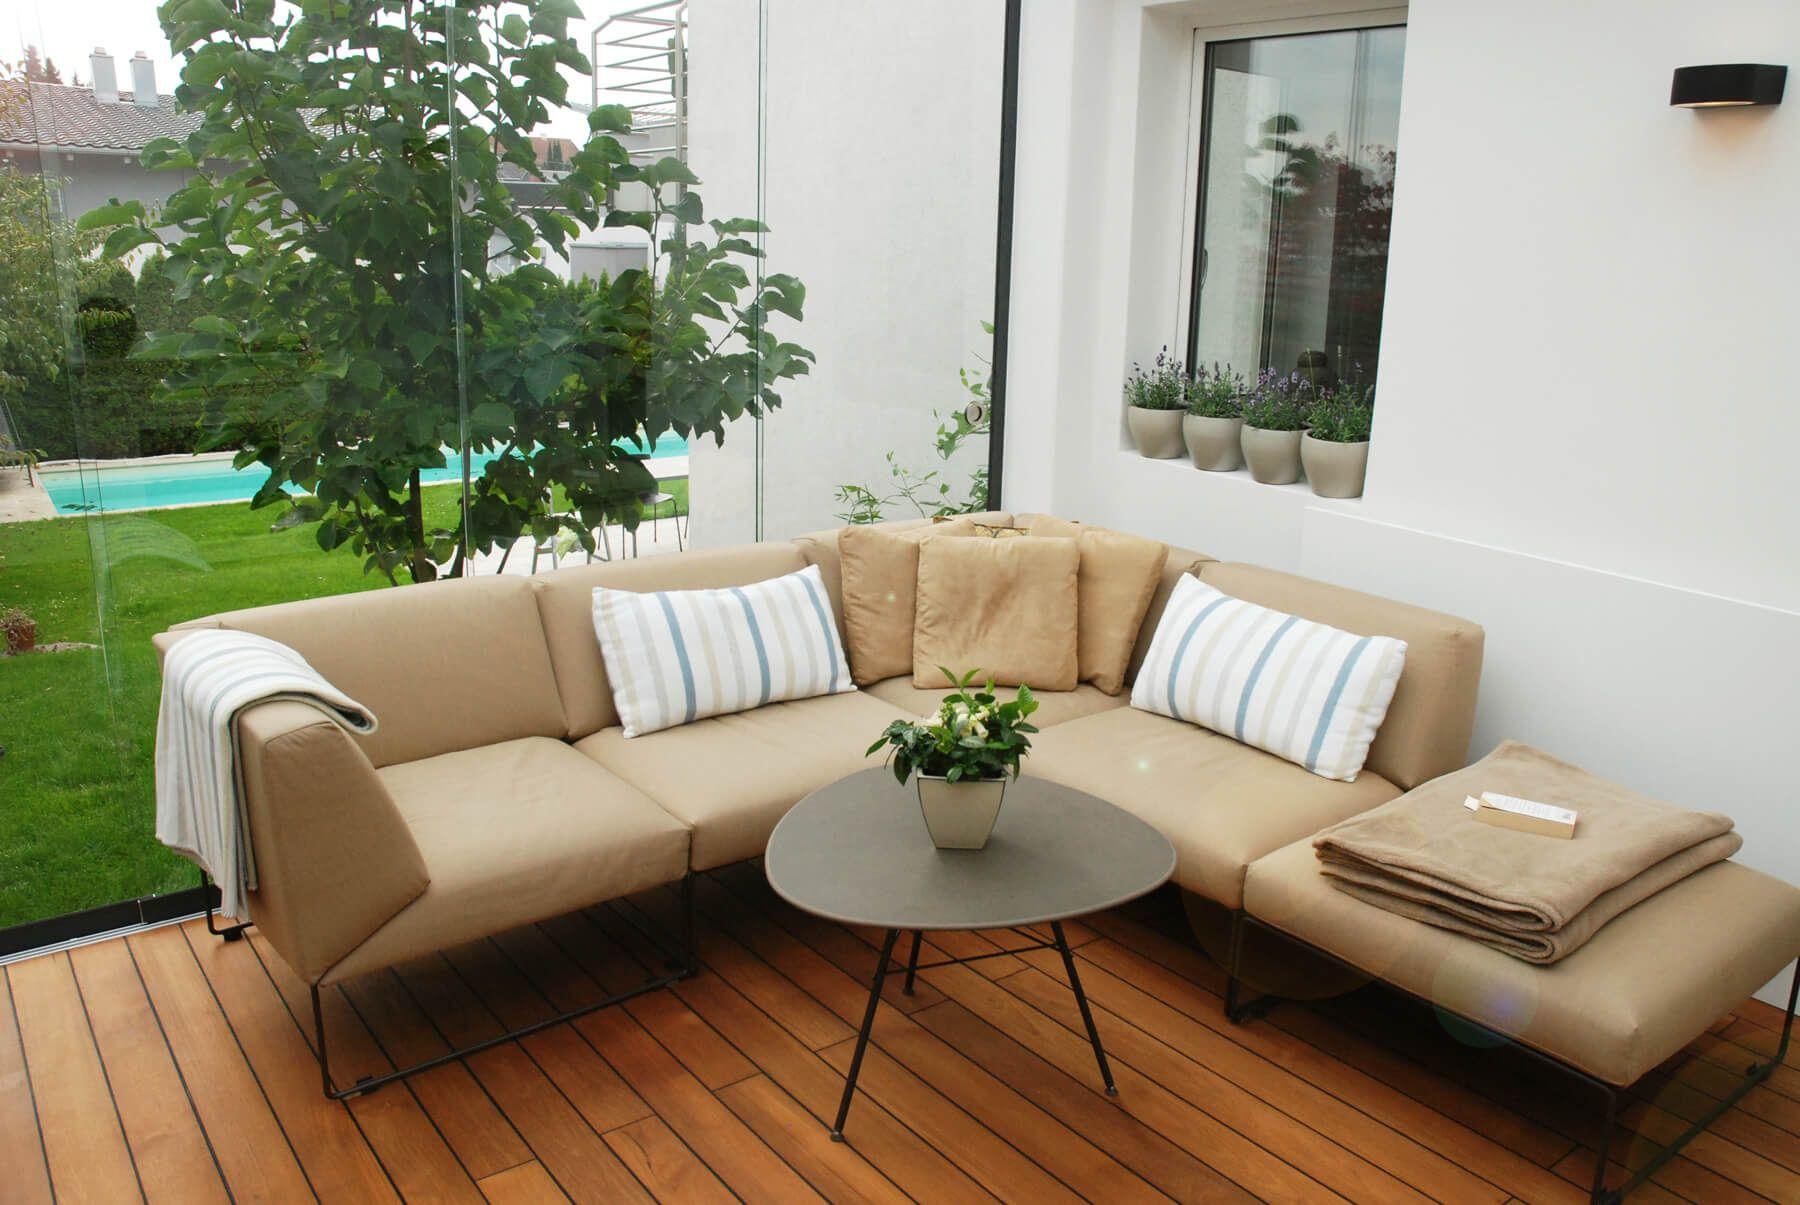 Einrichtung Wintergarten sommergarten mit moderner einrichtung aktuelle